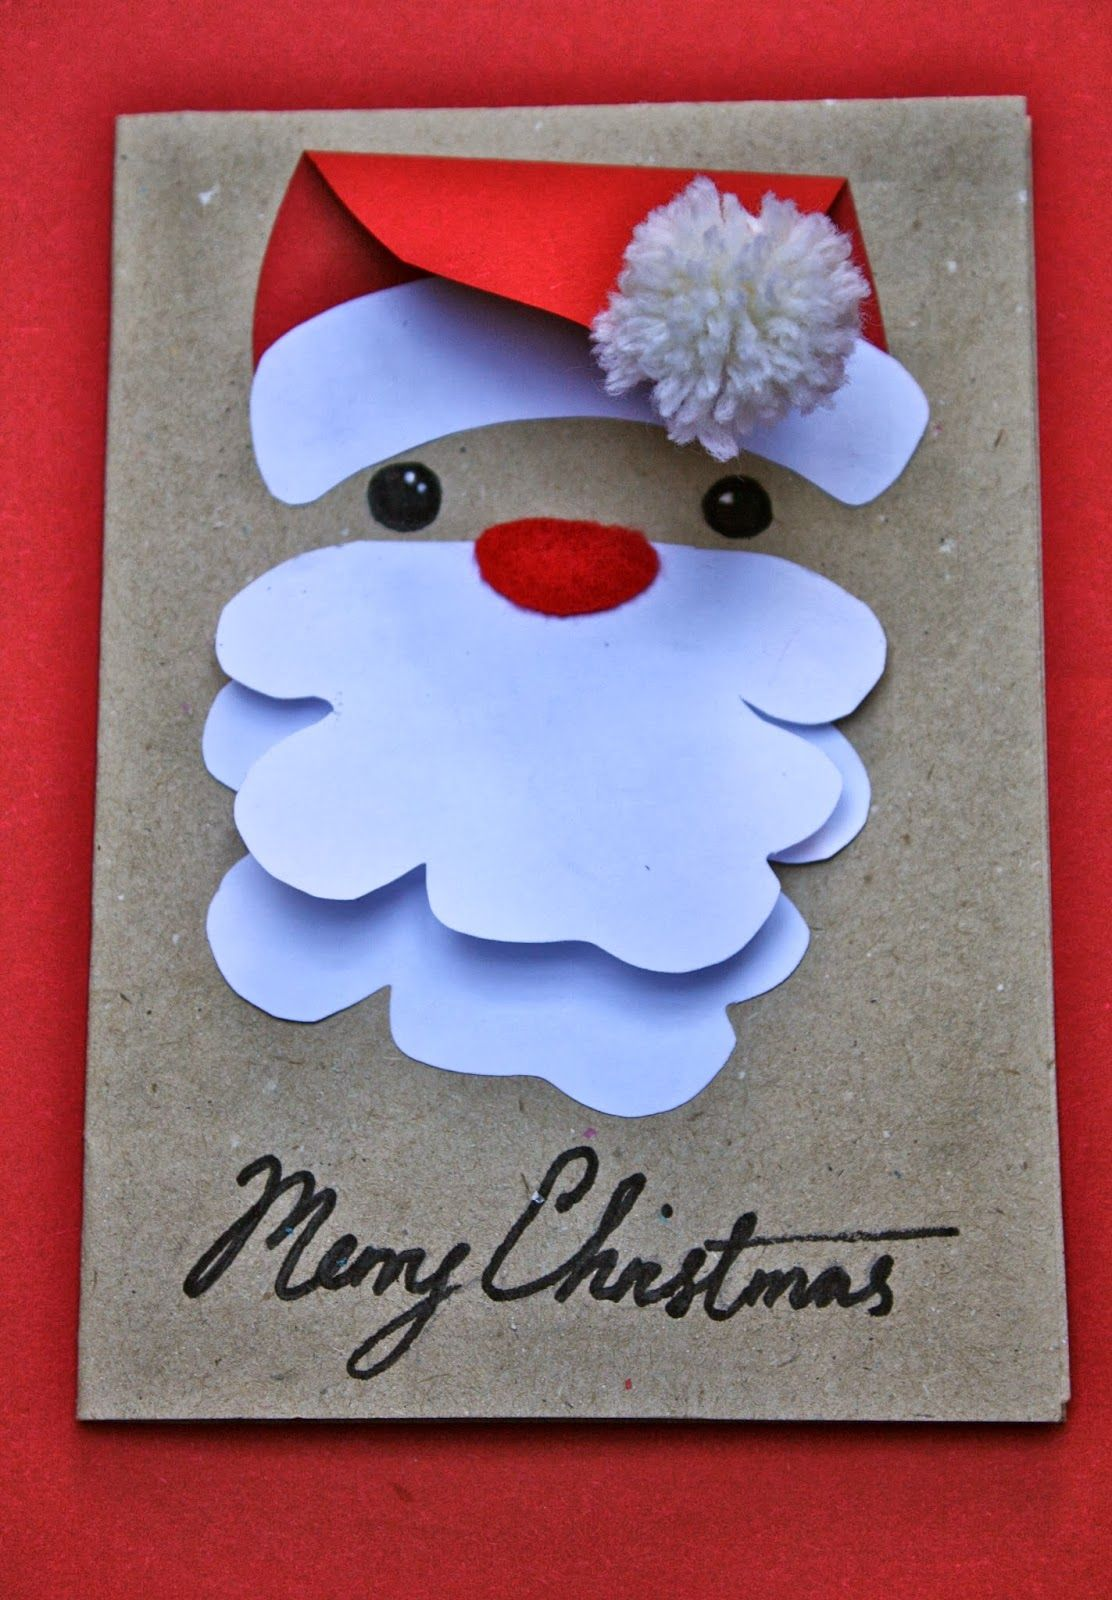 Xmas stuff for gt christmas card photo ideas pinterest christmas diy cards pinterest for Christmas card ideas on pinterest